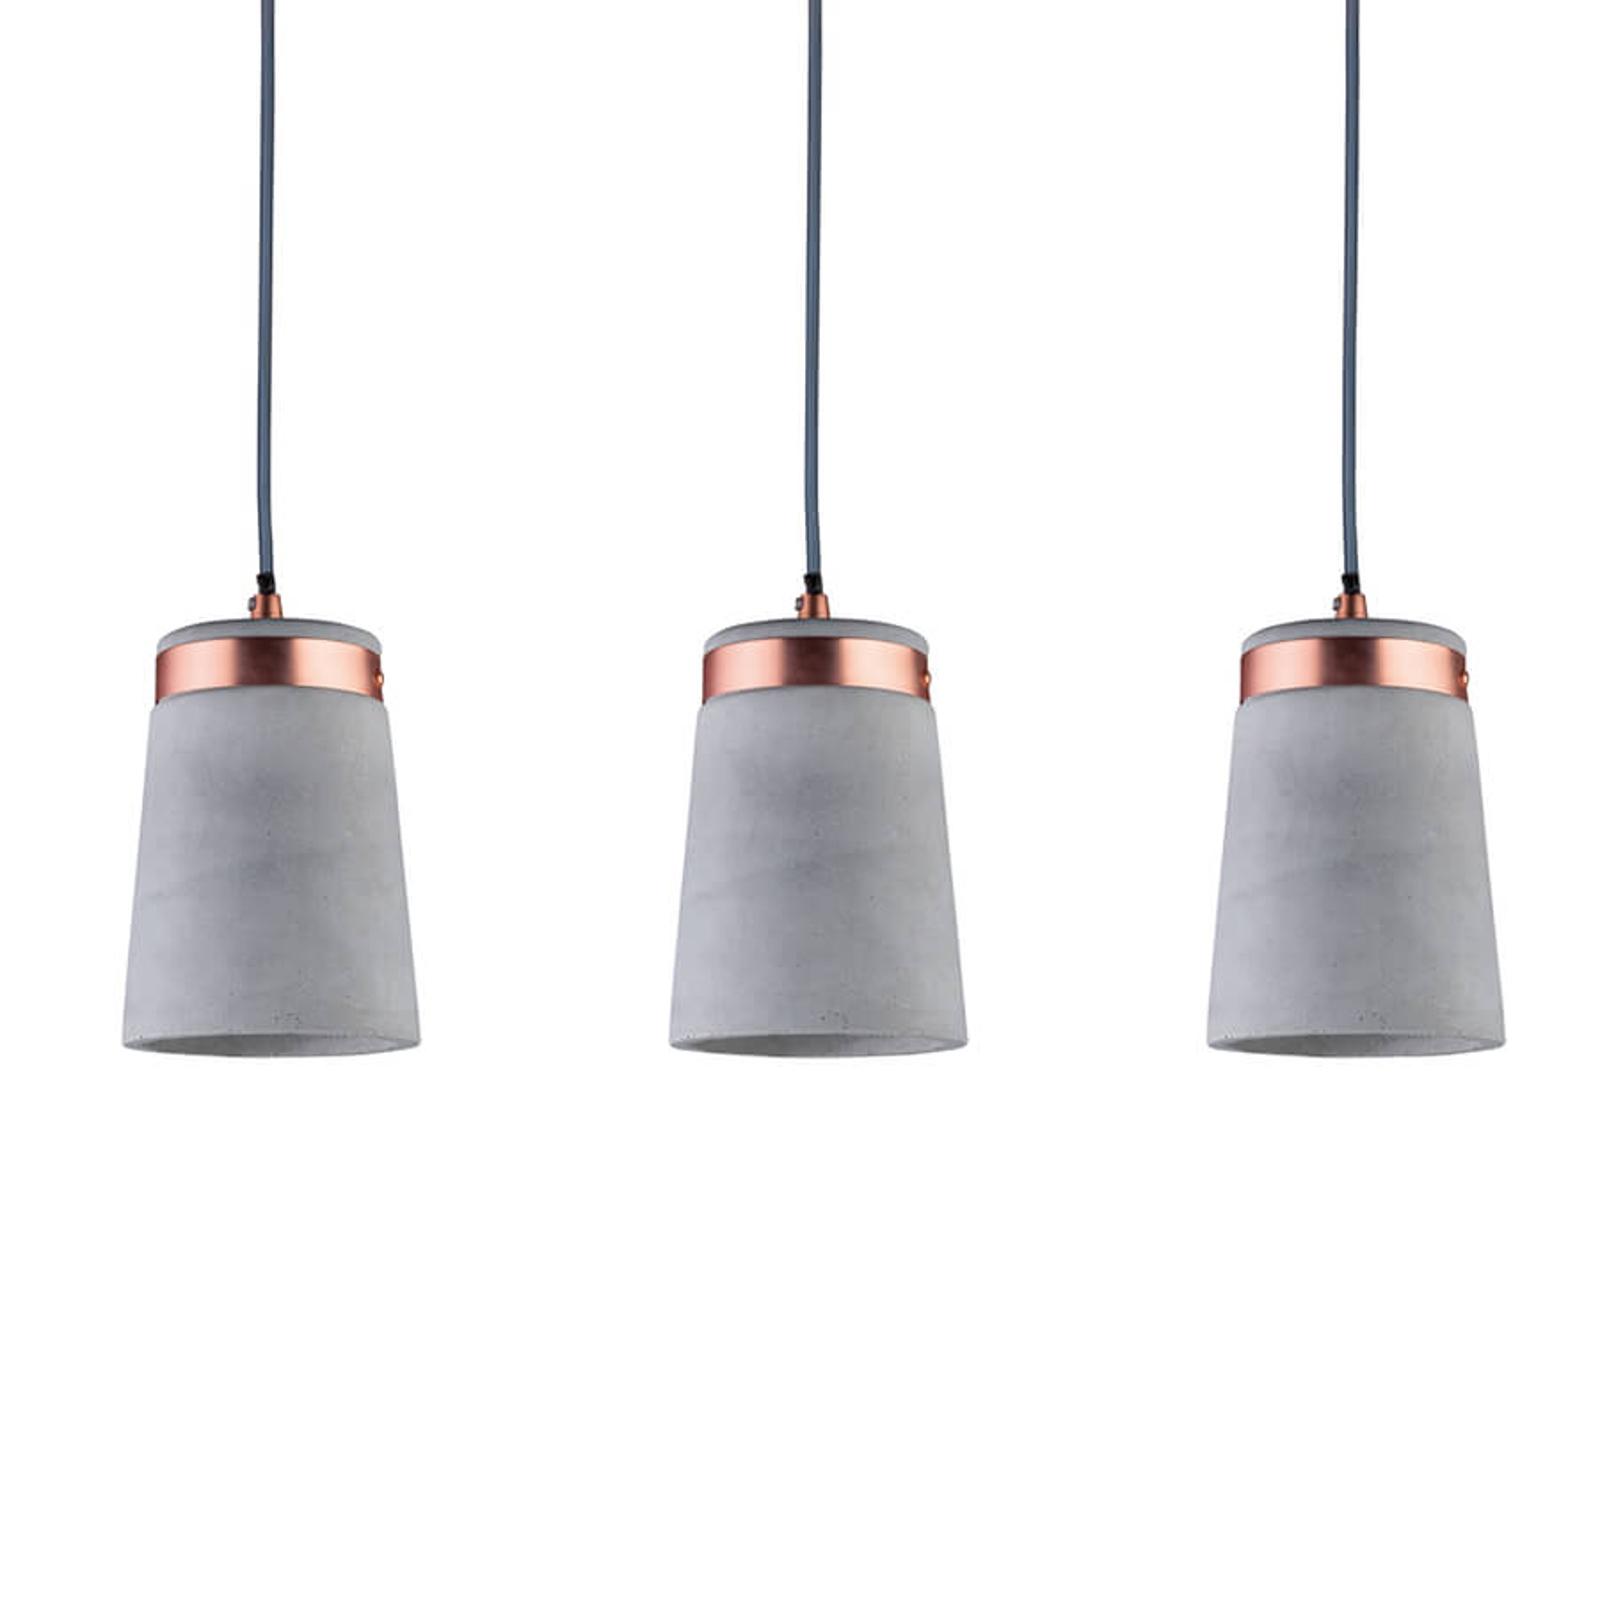 3-lamps hanglamp Stig met betonnen kappen